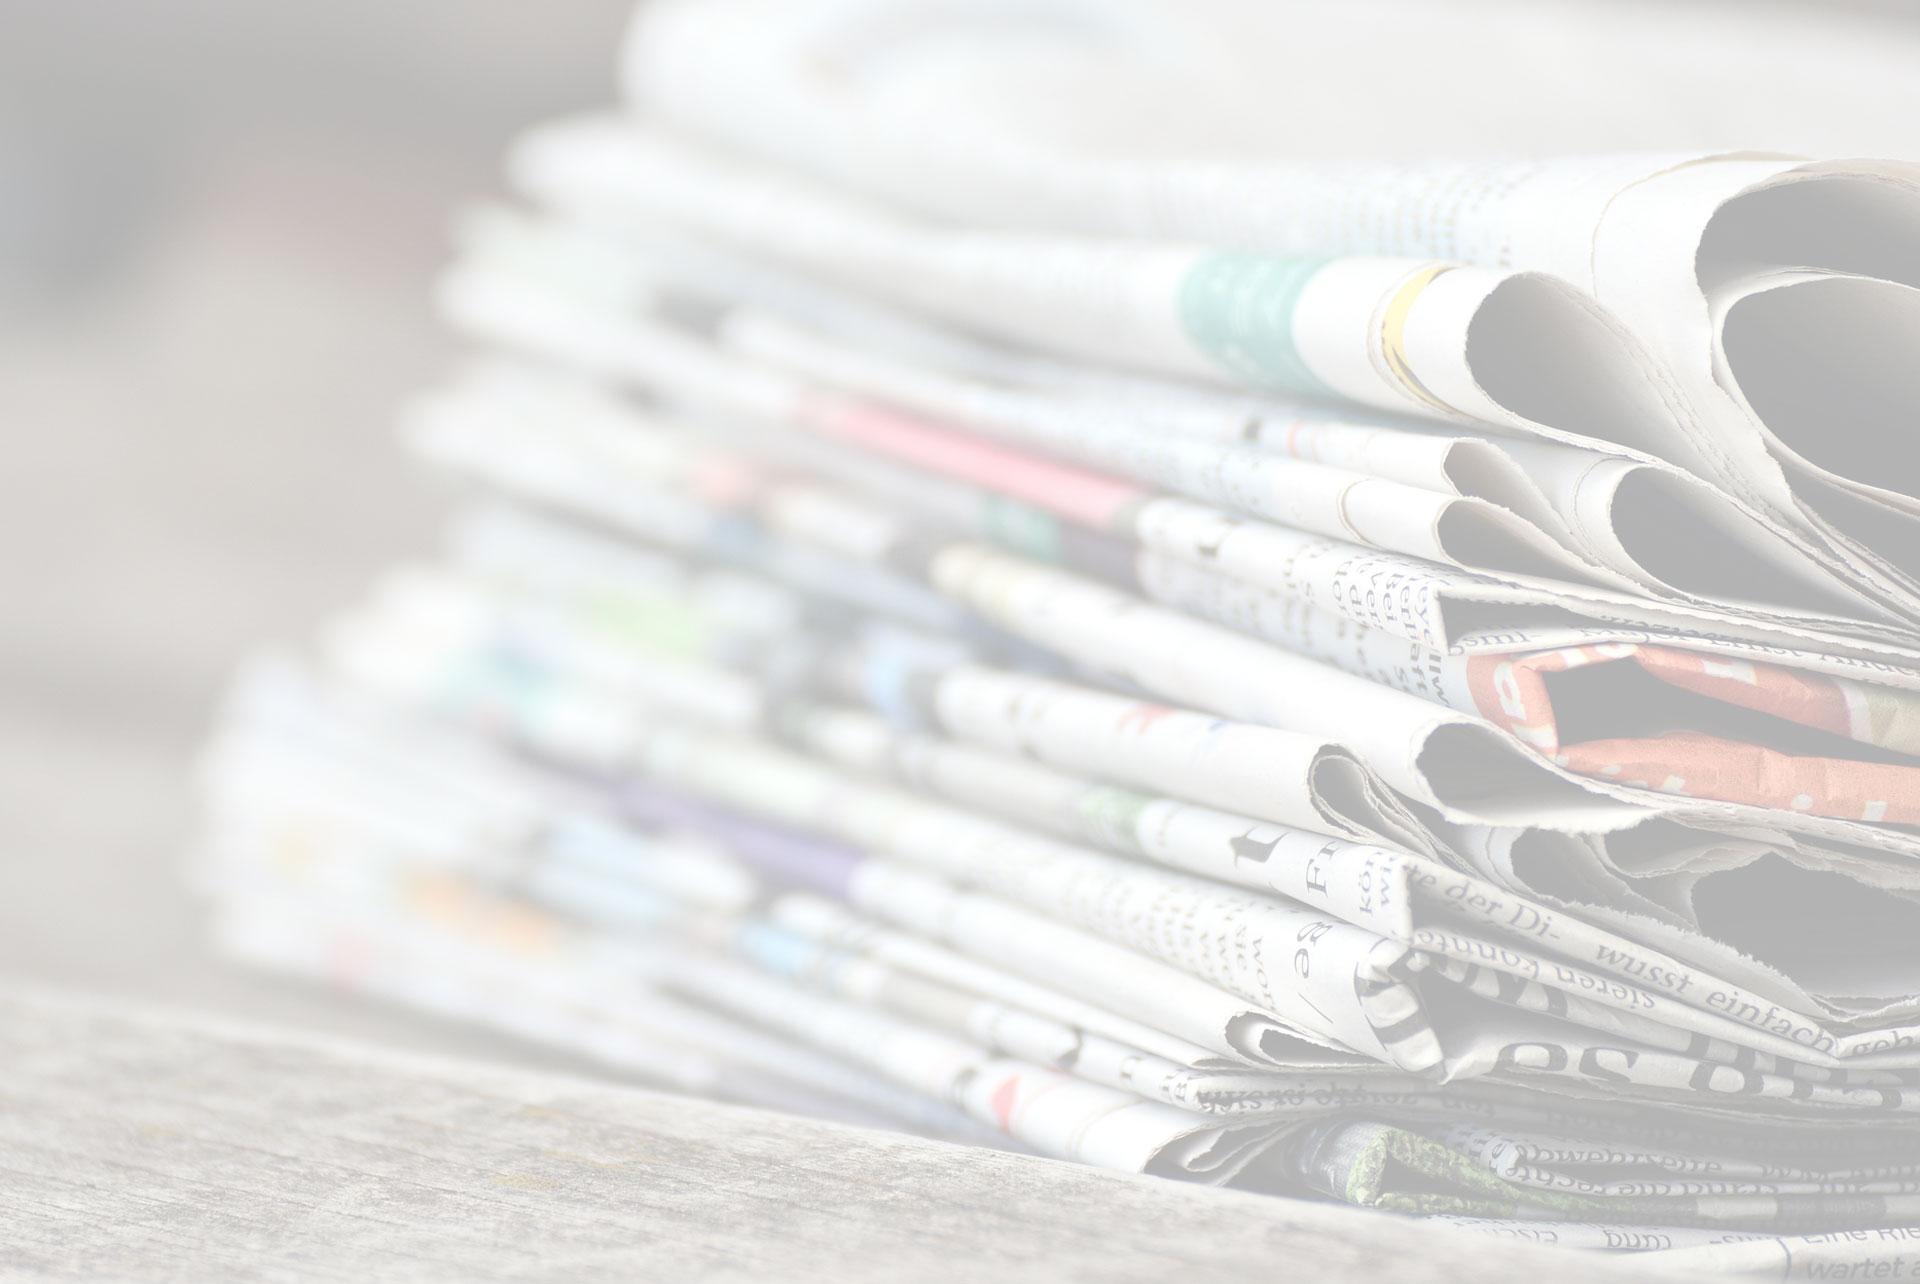 Luoghi del mistero a Torino - Piazza Statuto